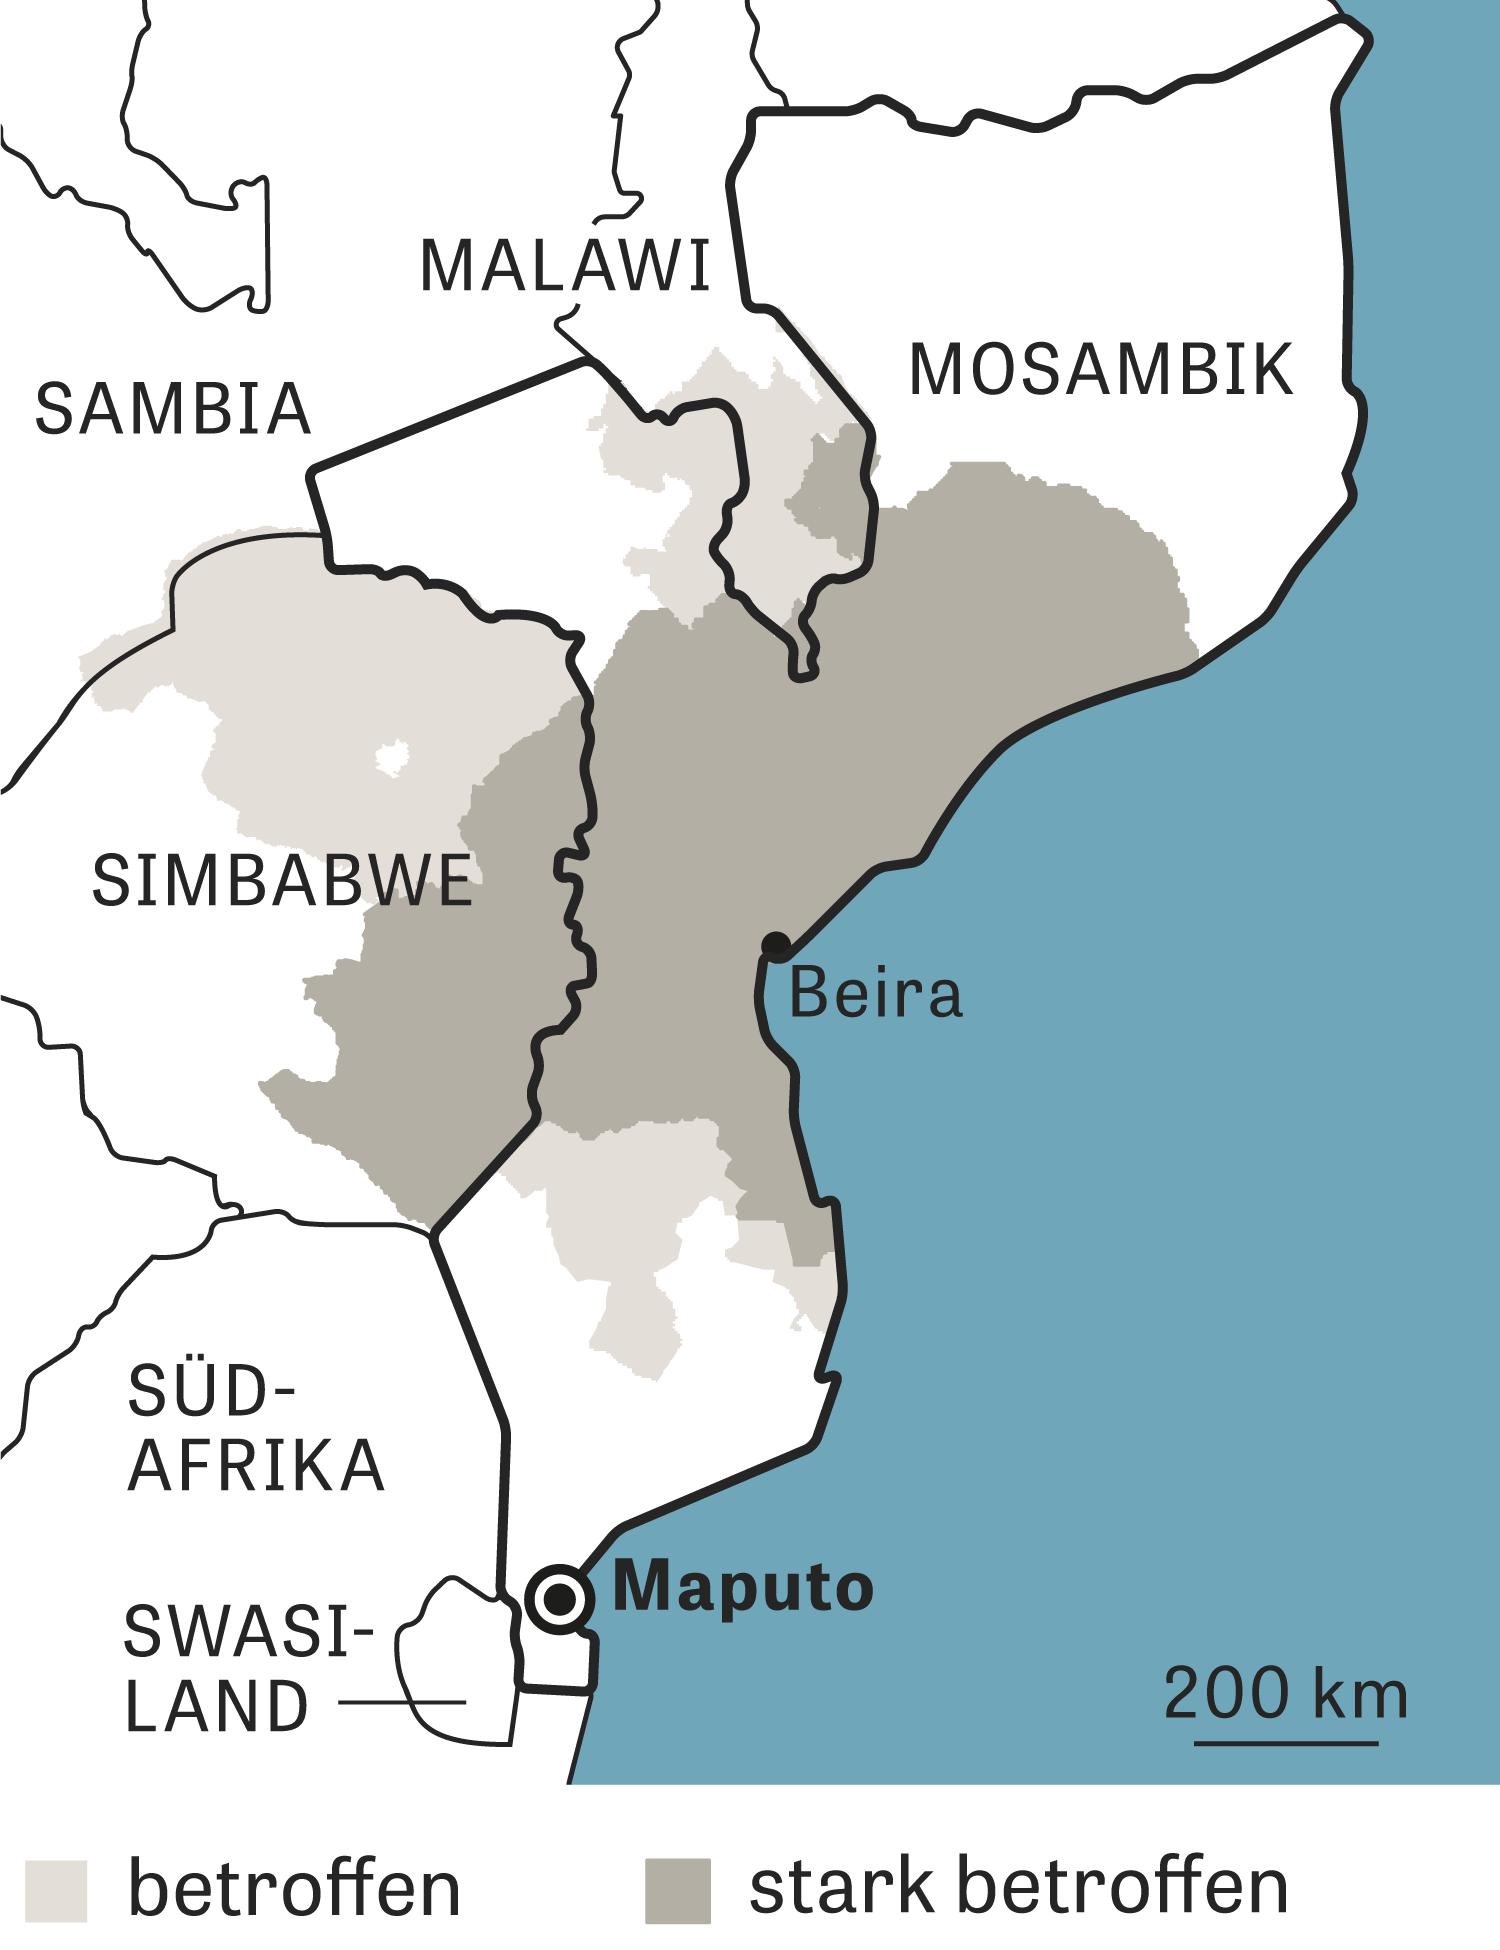 Mosambik Karte.Zyklon Idai Warum Kann Mosambik Seine Bürger Nicht Schützen Zeit